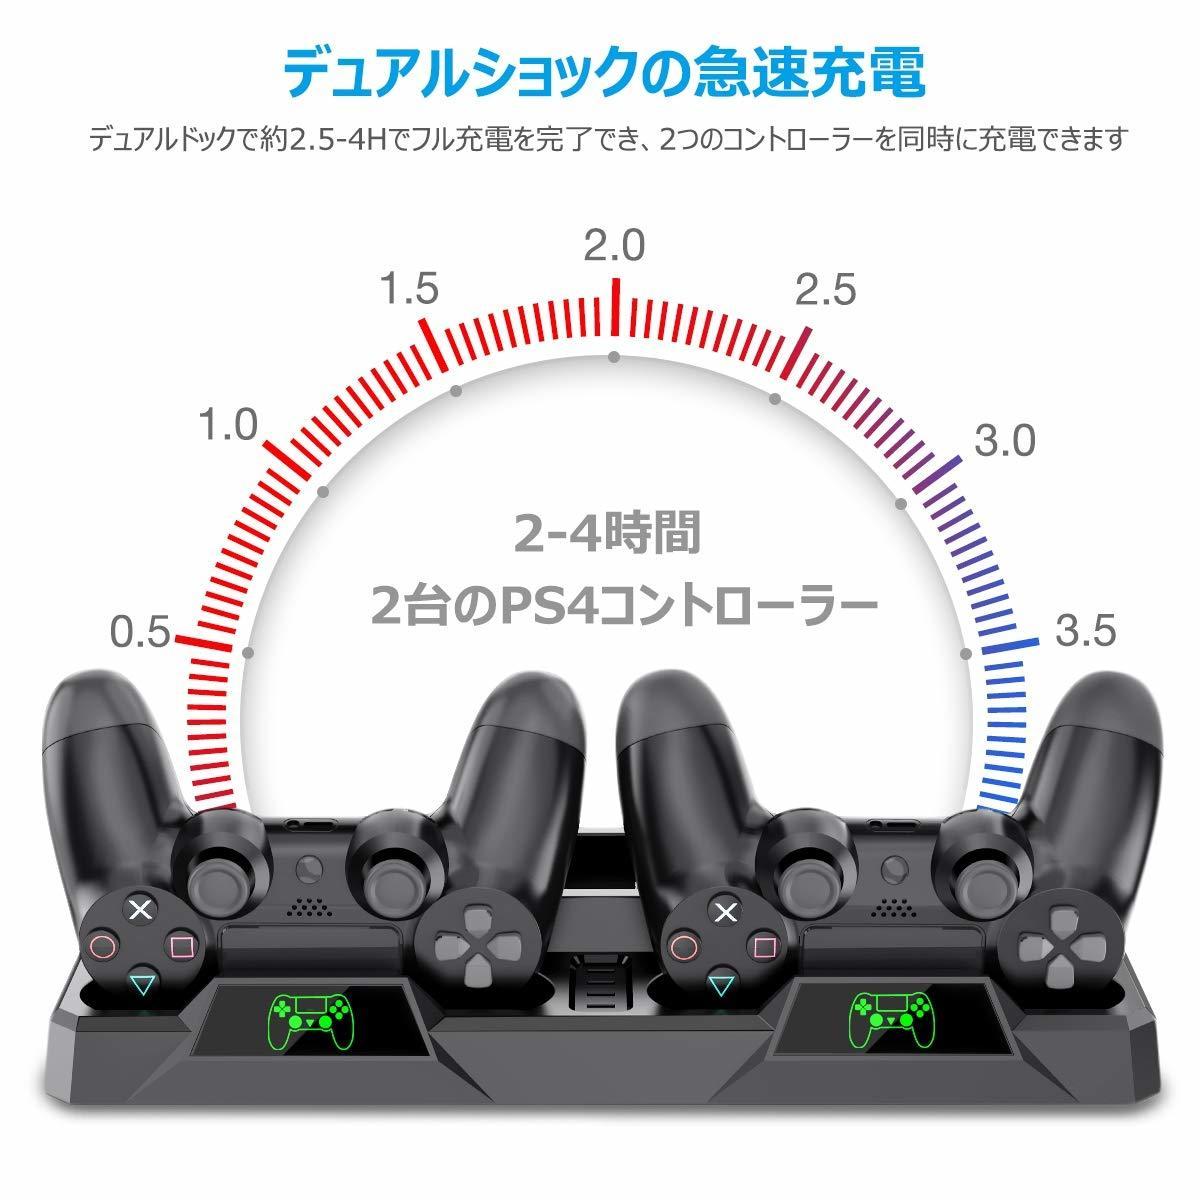 【新品 大人気】PS4 専用 縦置きスタンド プレステ プレイステーション コントローラ 充電スタンド ゲームディスク収納可能 ポイント消化_画像4